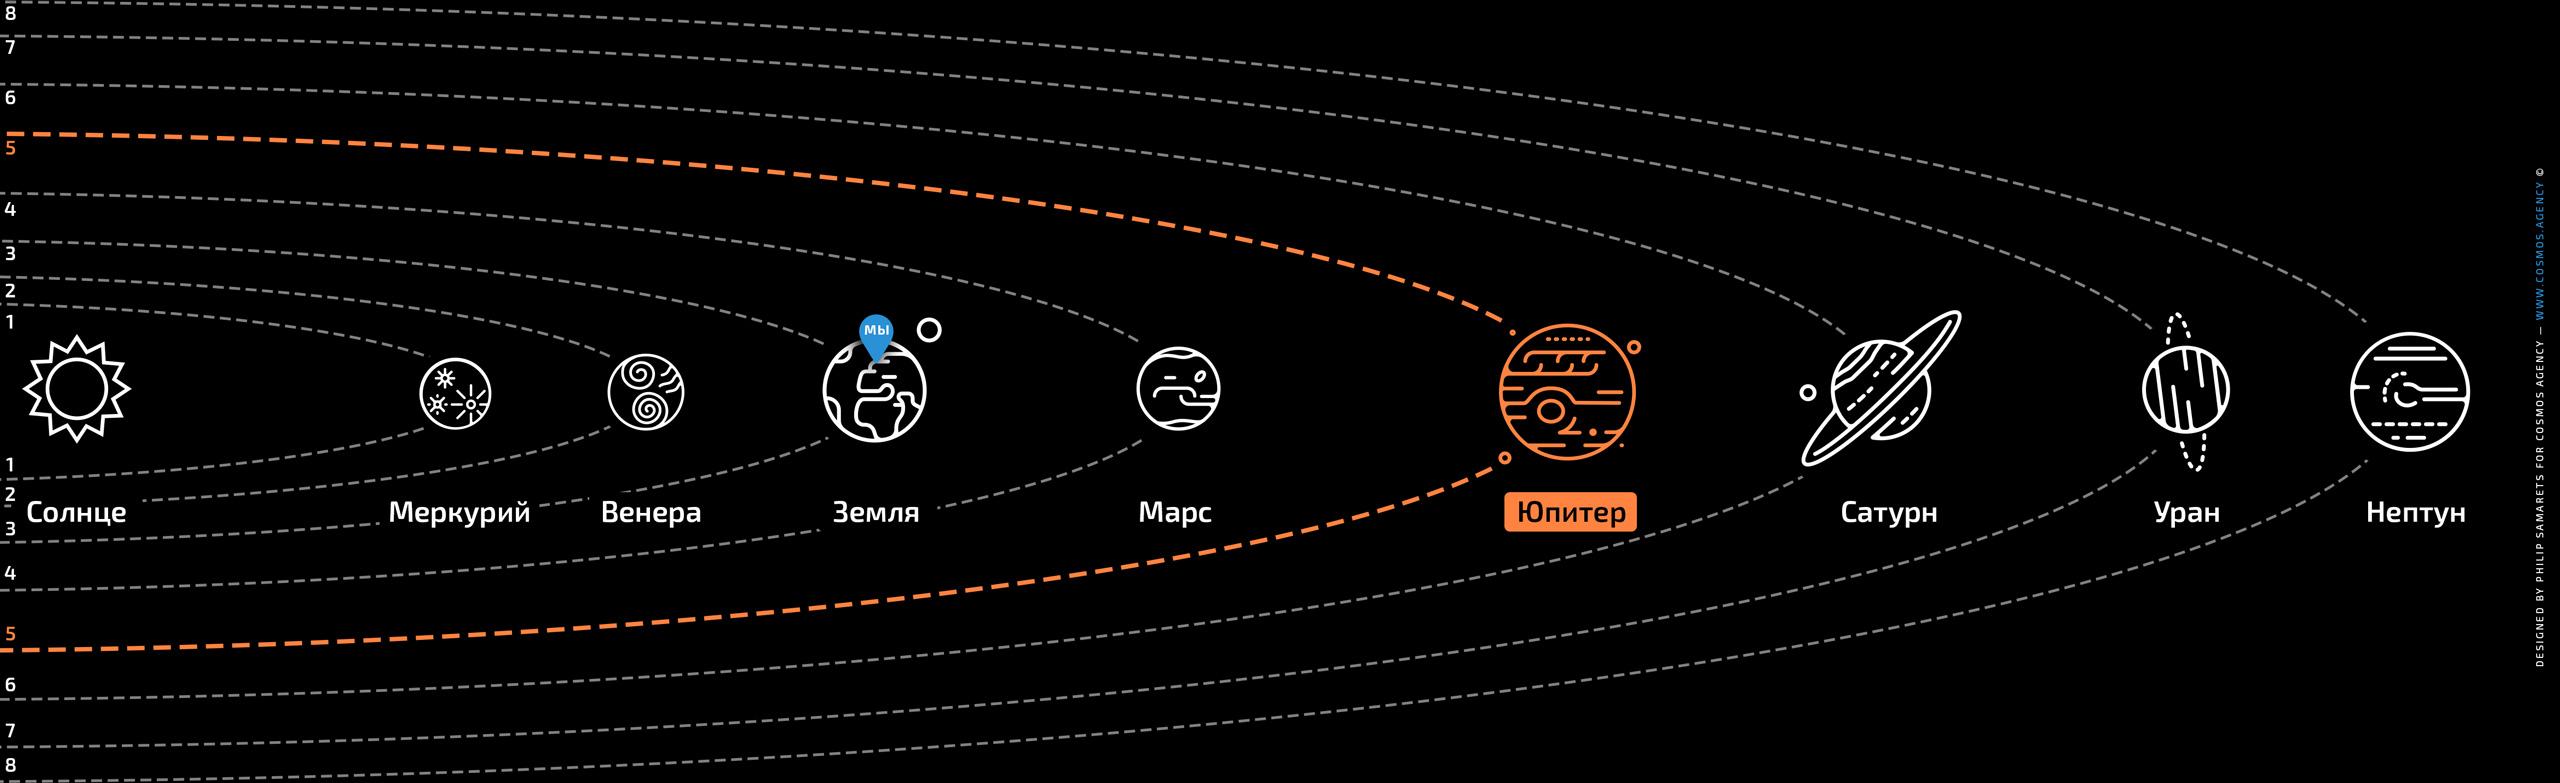 Расположение планеты Юпитер в Солнечной системе